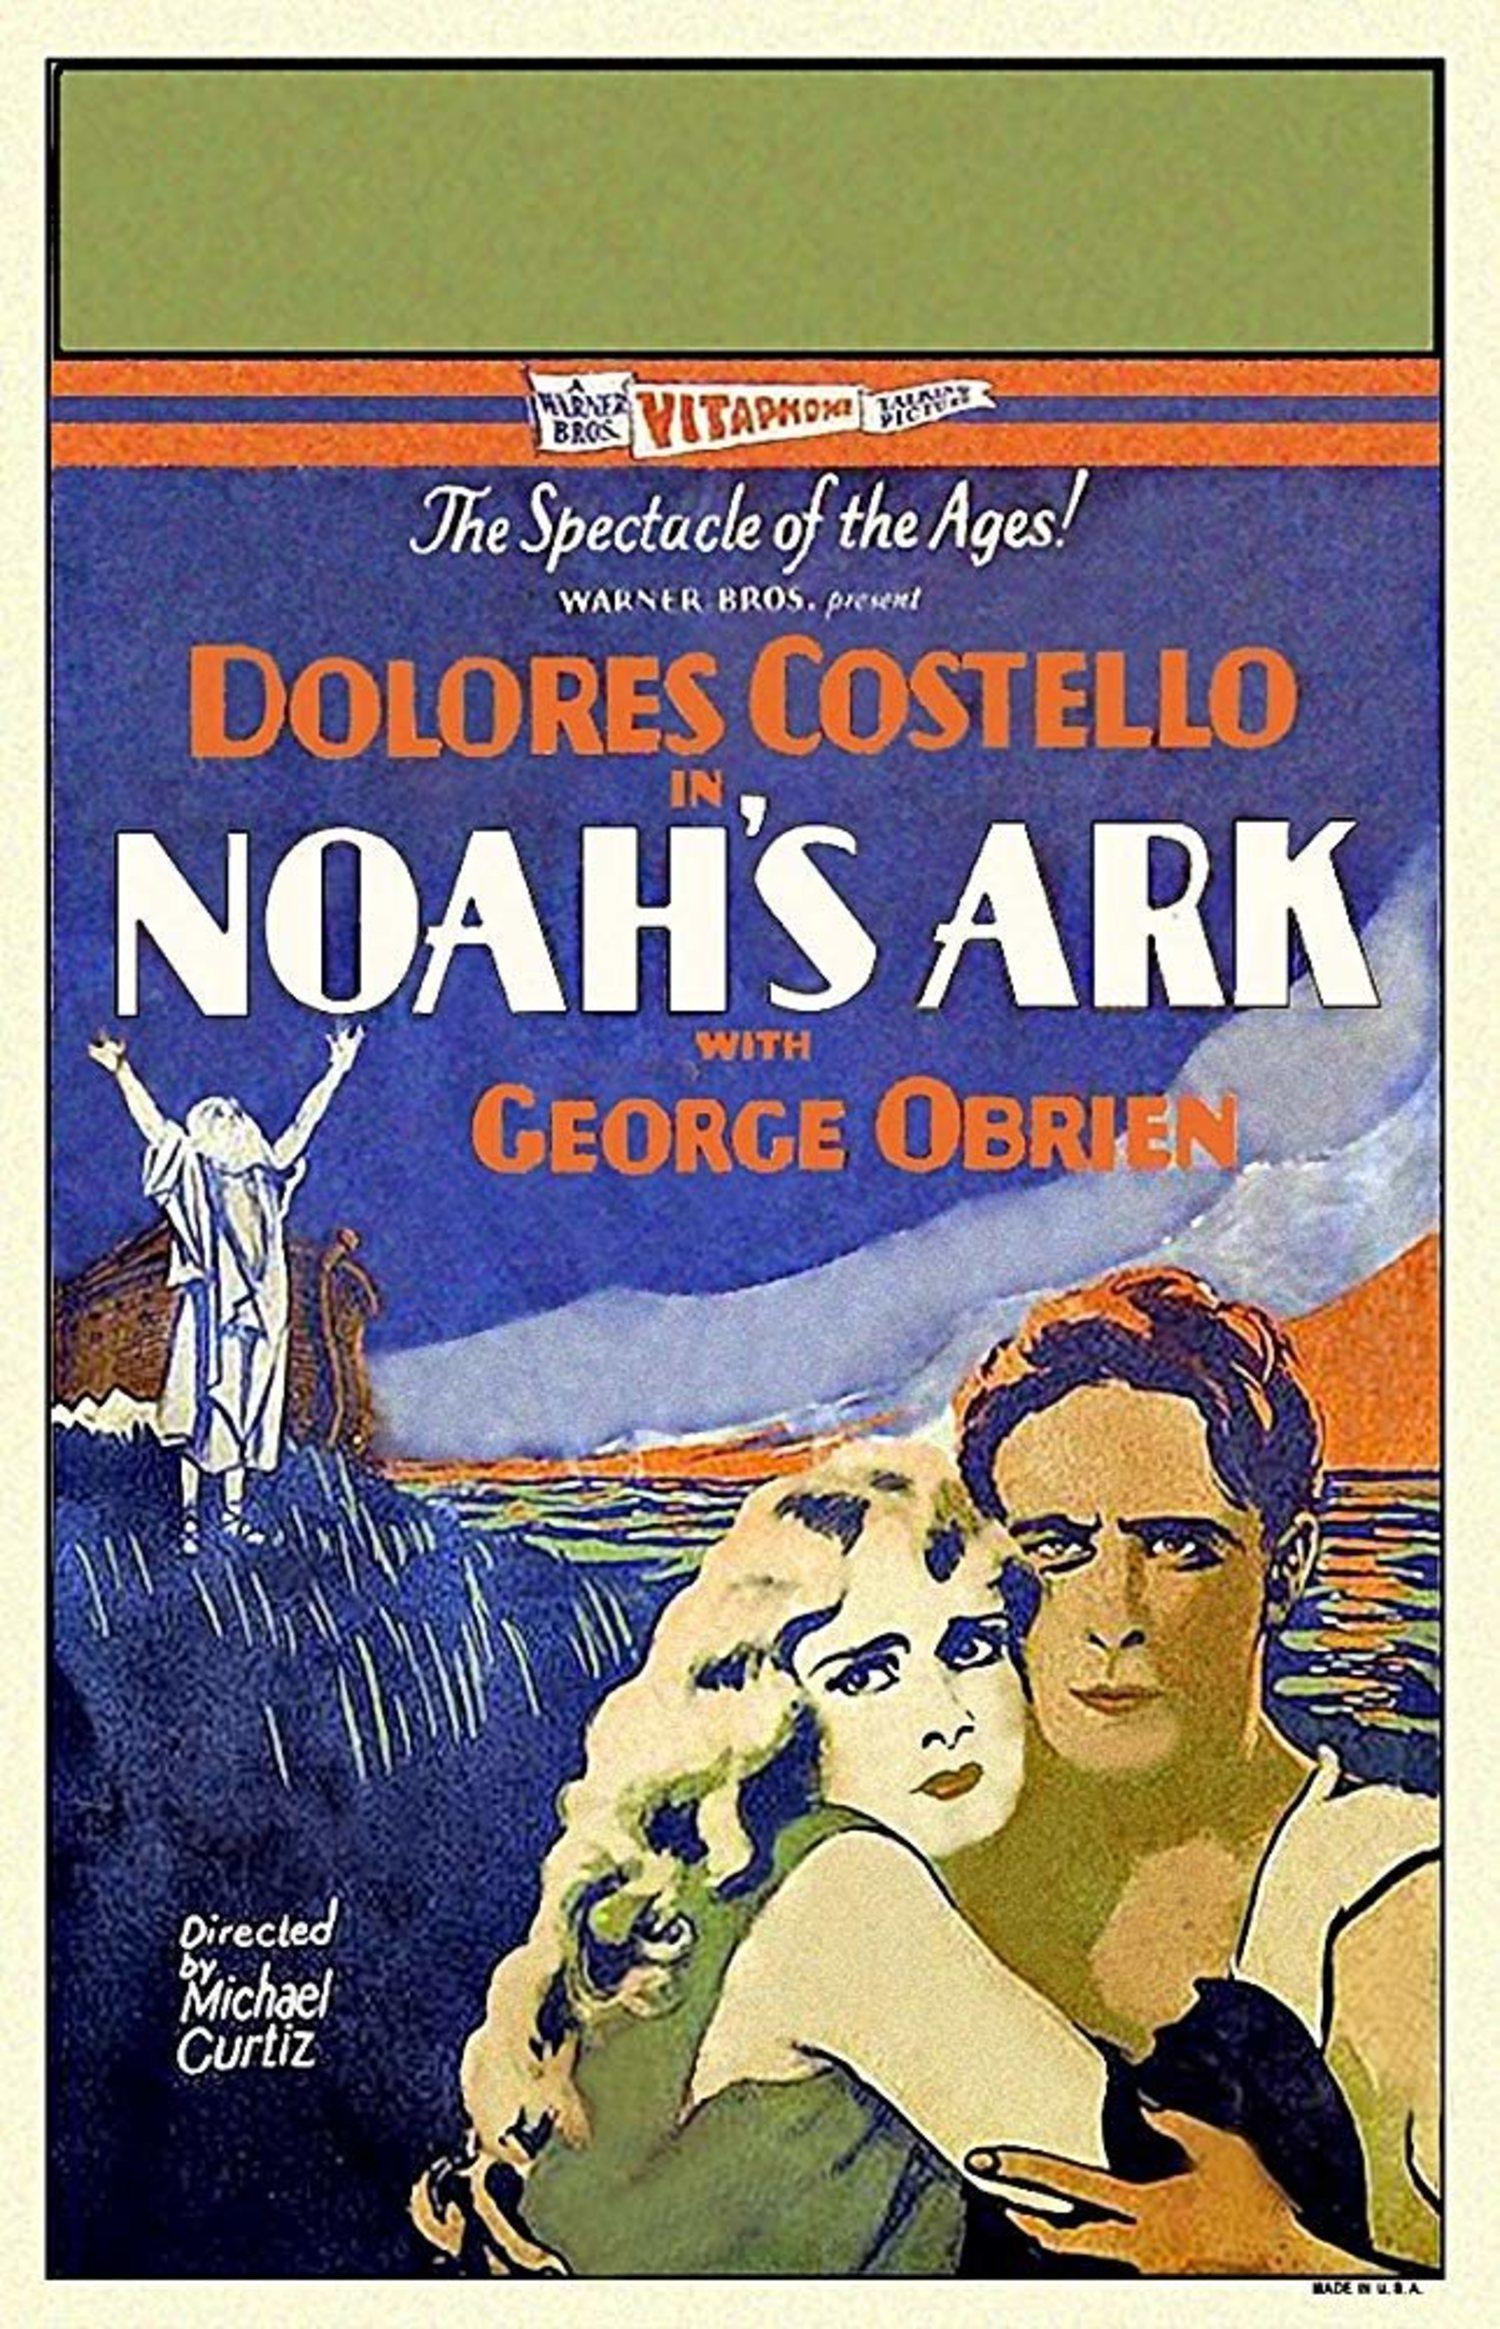 La primera película sobre el pasaje bíblico de Noe se hizo en 1928.